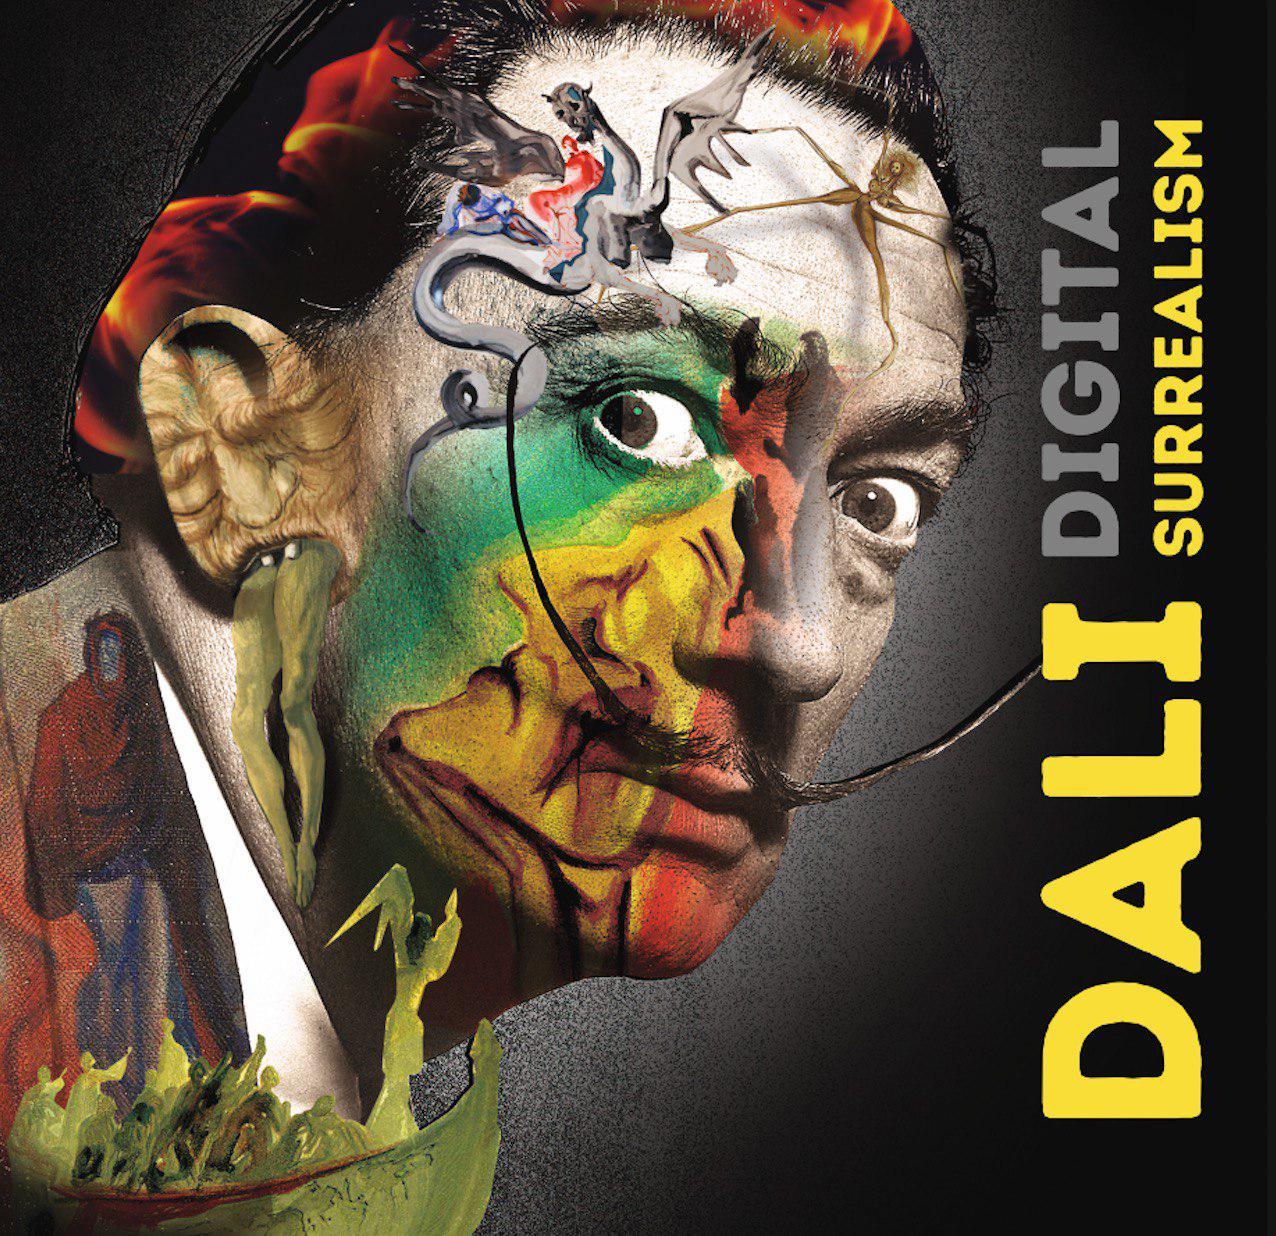 Dali. Digital. Surrealism